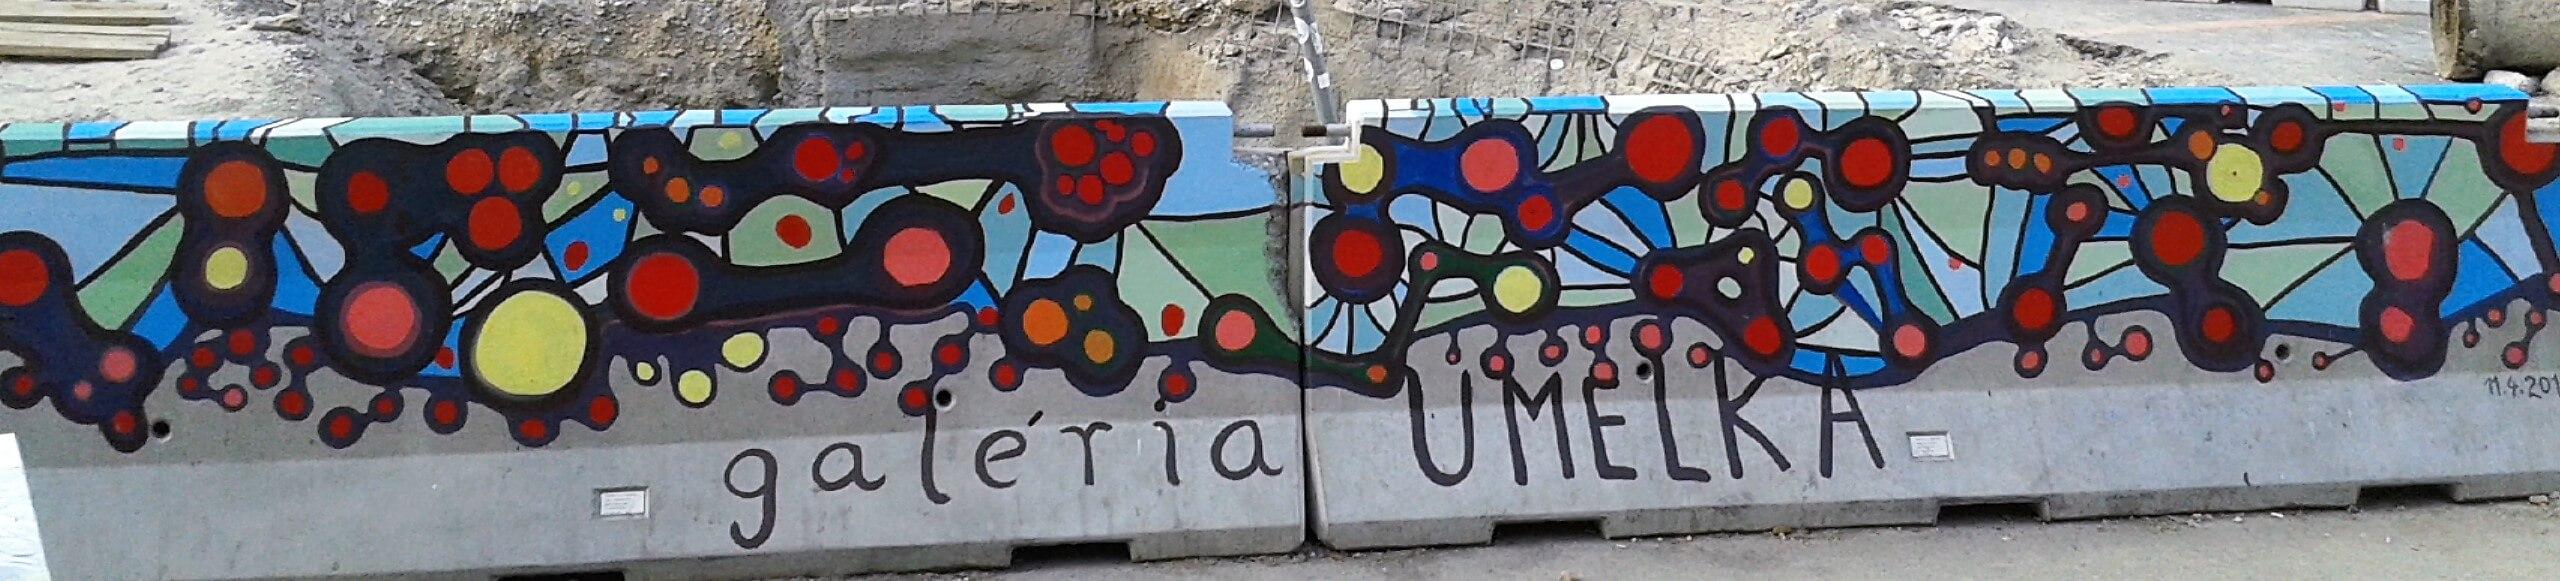 Galerie Umelka de Bratislava – jours d'art